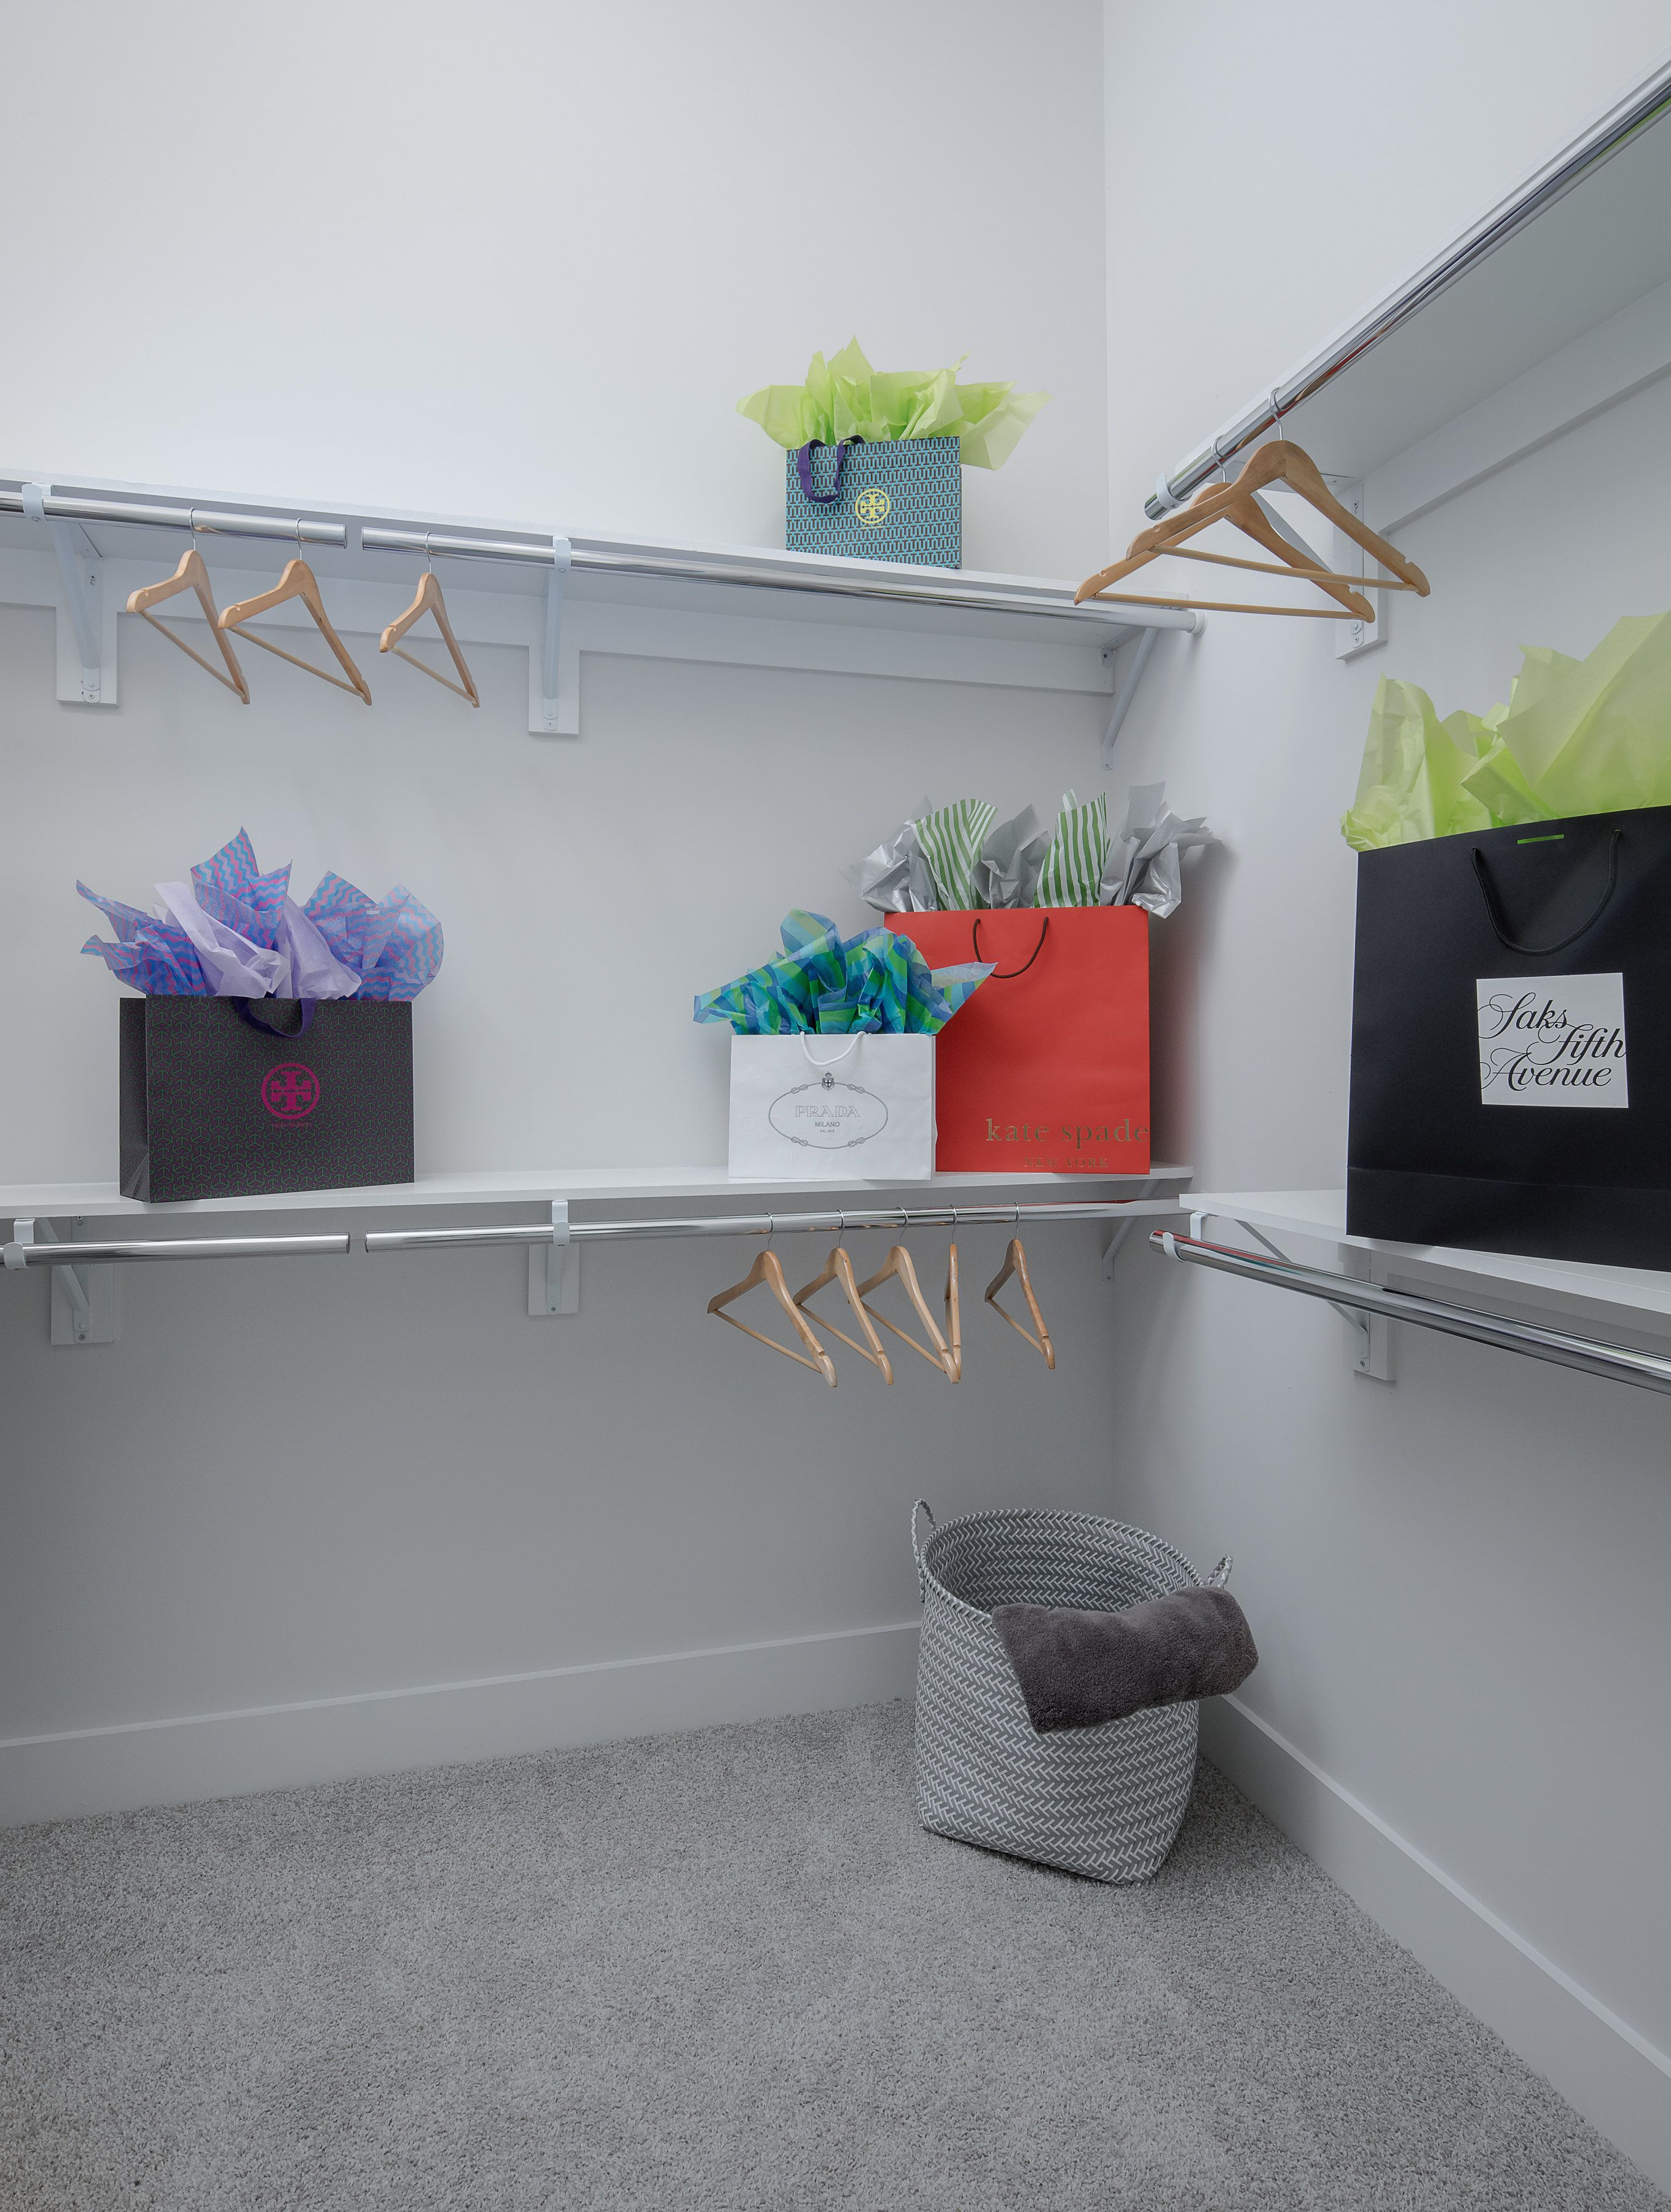 Closet space comes at a premium at AMLI Buckhead